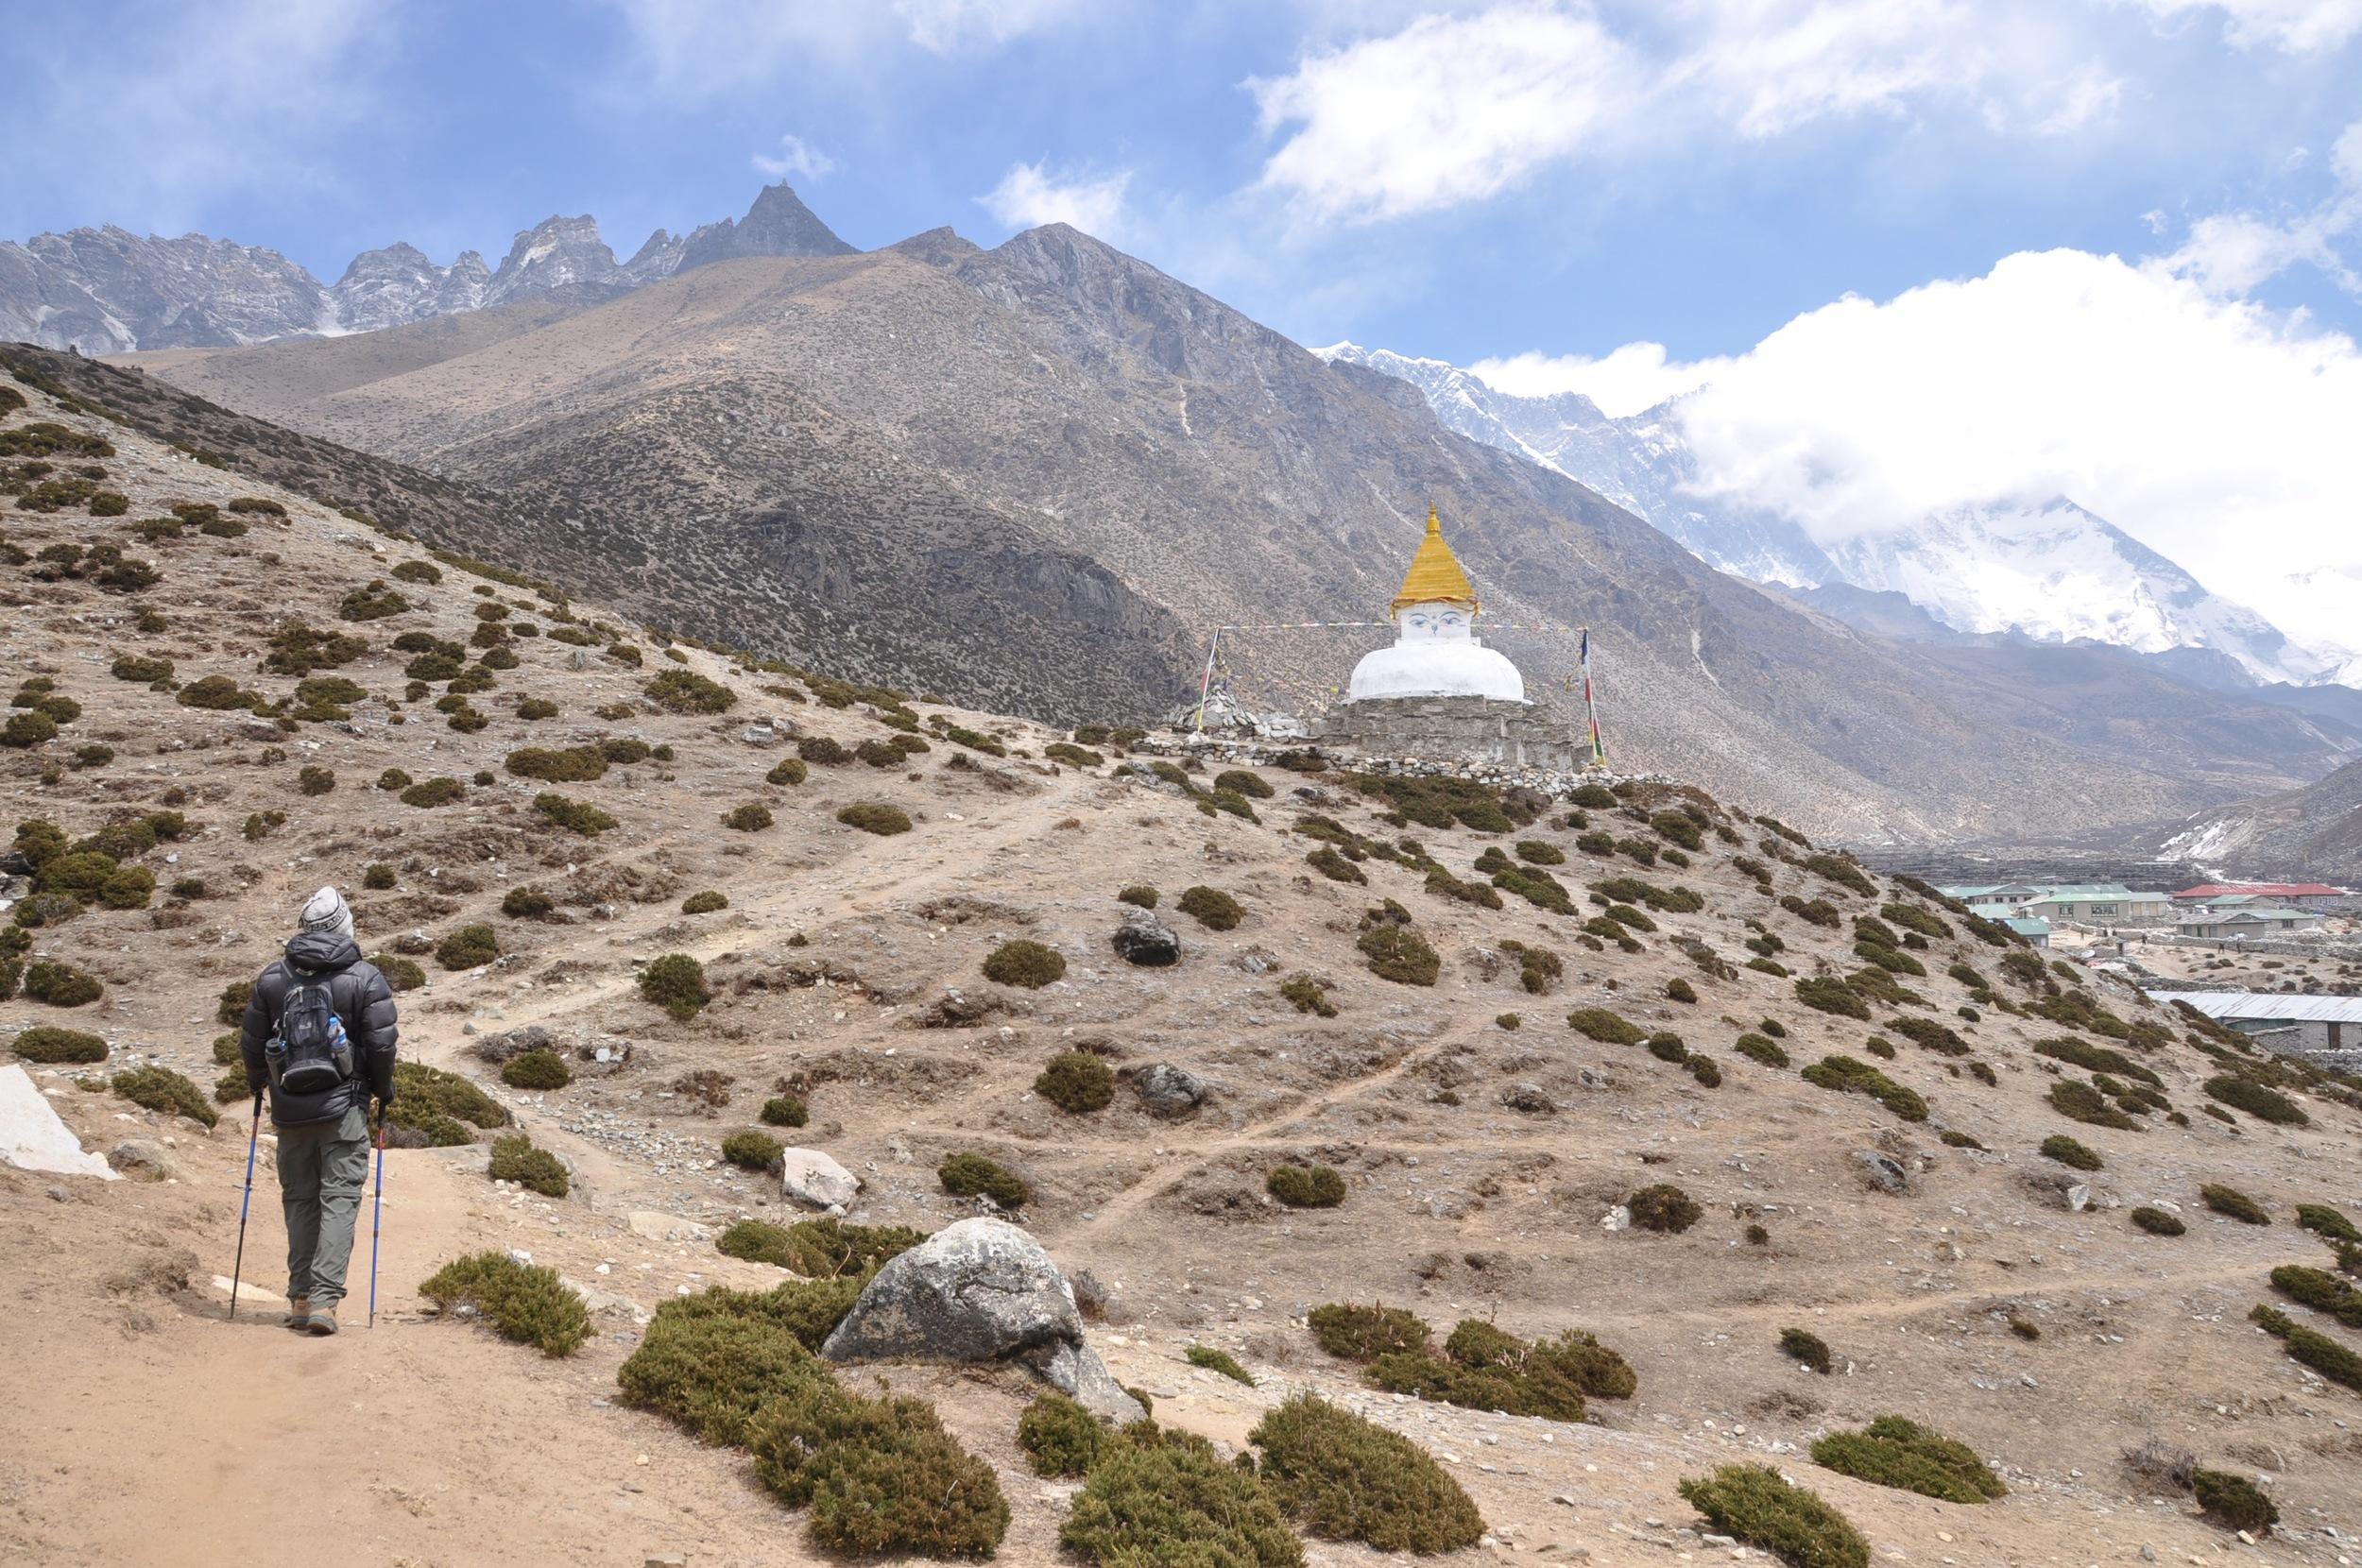 Dingboche Everest Base Camp Trek